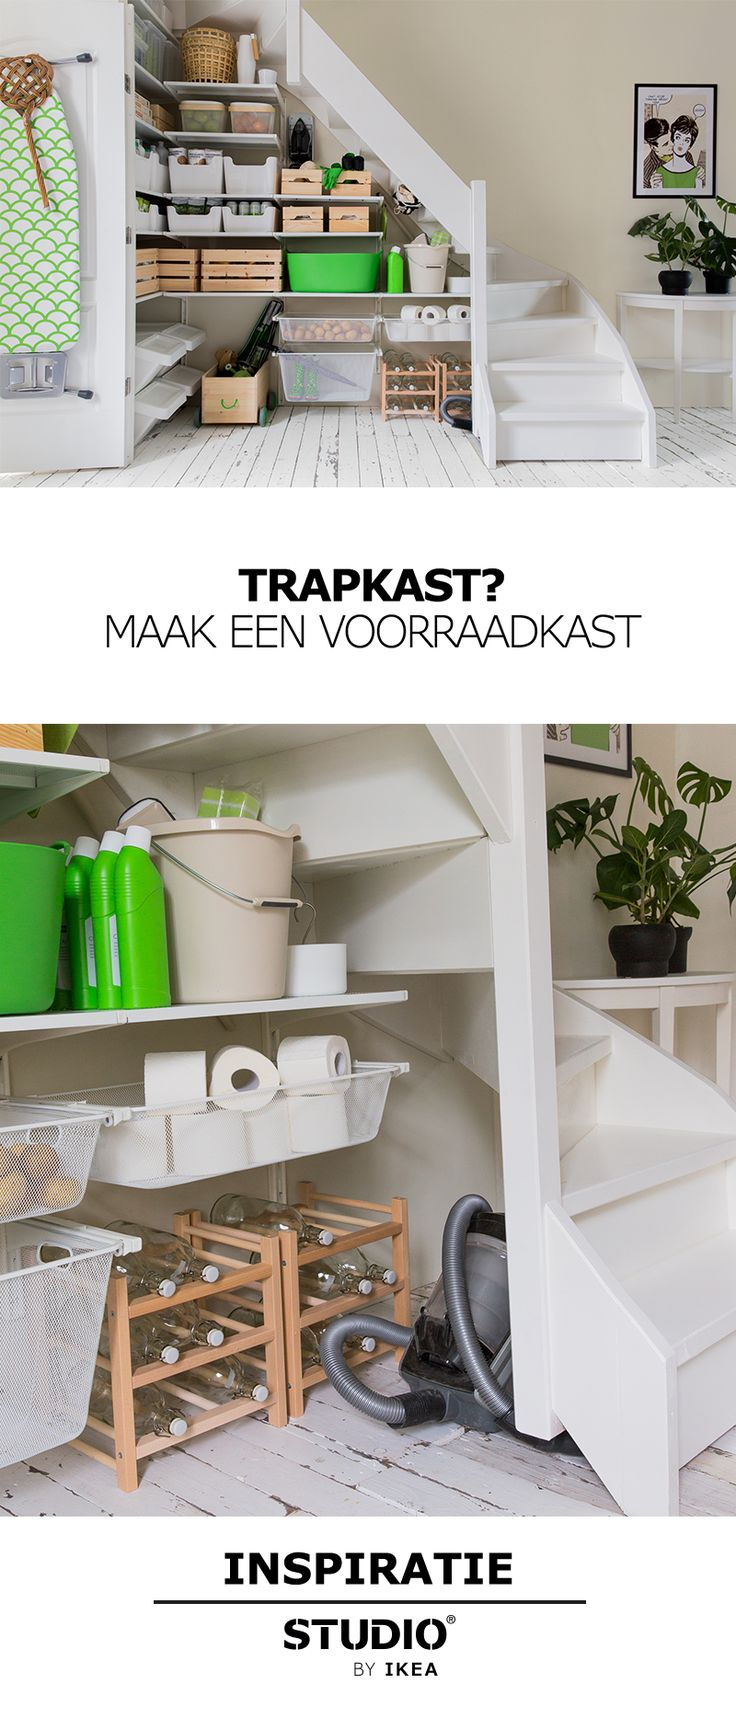 STUDIO by IKEA - Trapkast? Maak een voorraadkast | #STUDIObyIKEA #IKEA #IKEAnl #opbergen #trapkast #indelen #tips #styling #ruimte